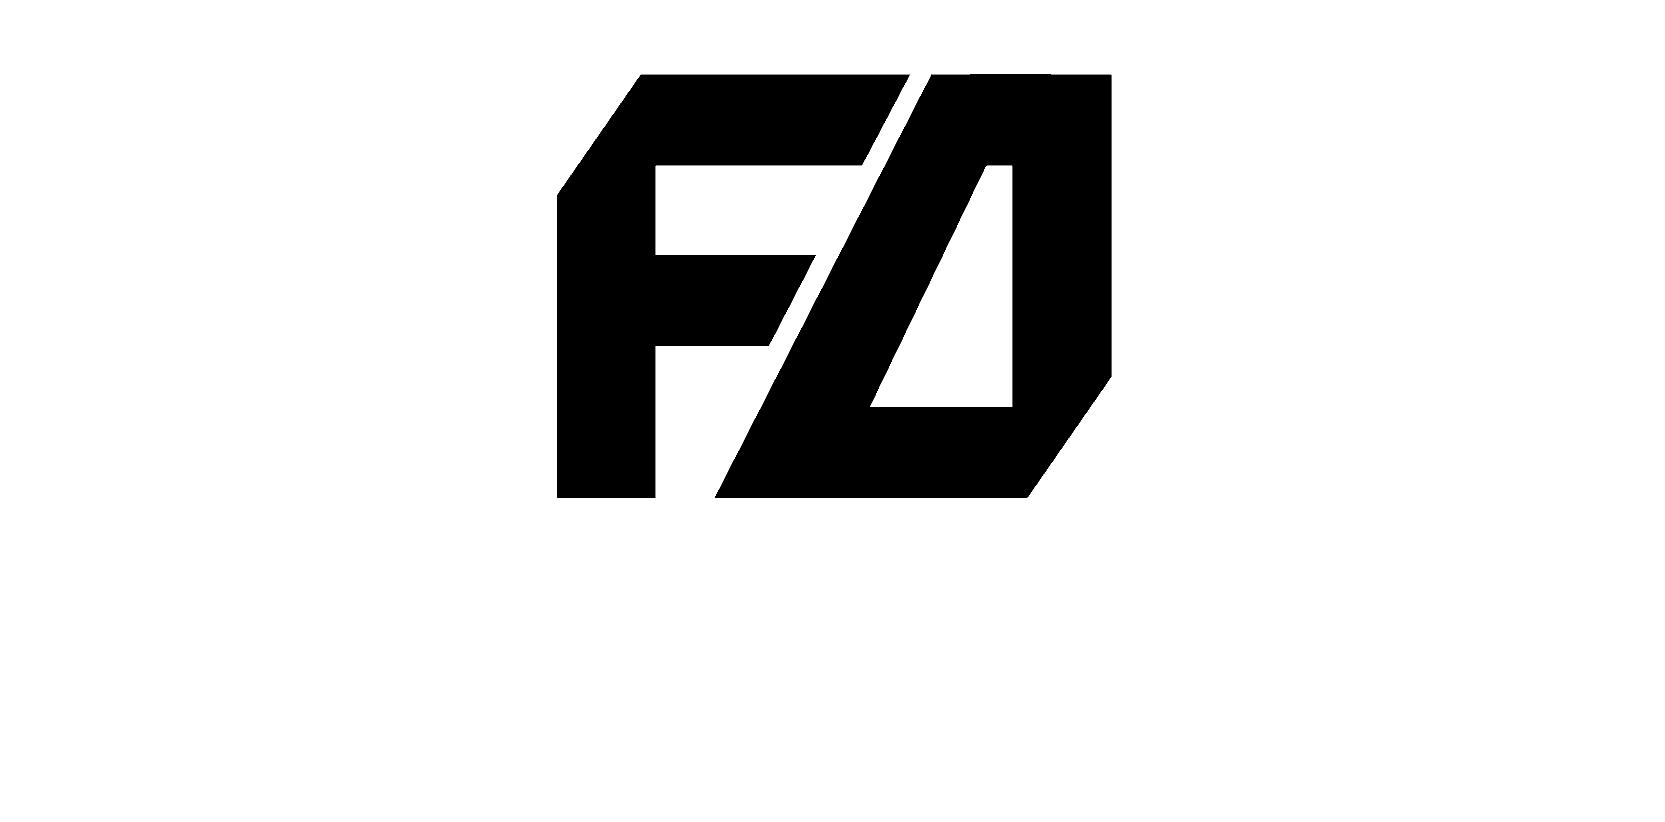 Filedatabase